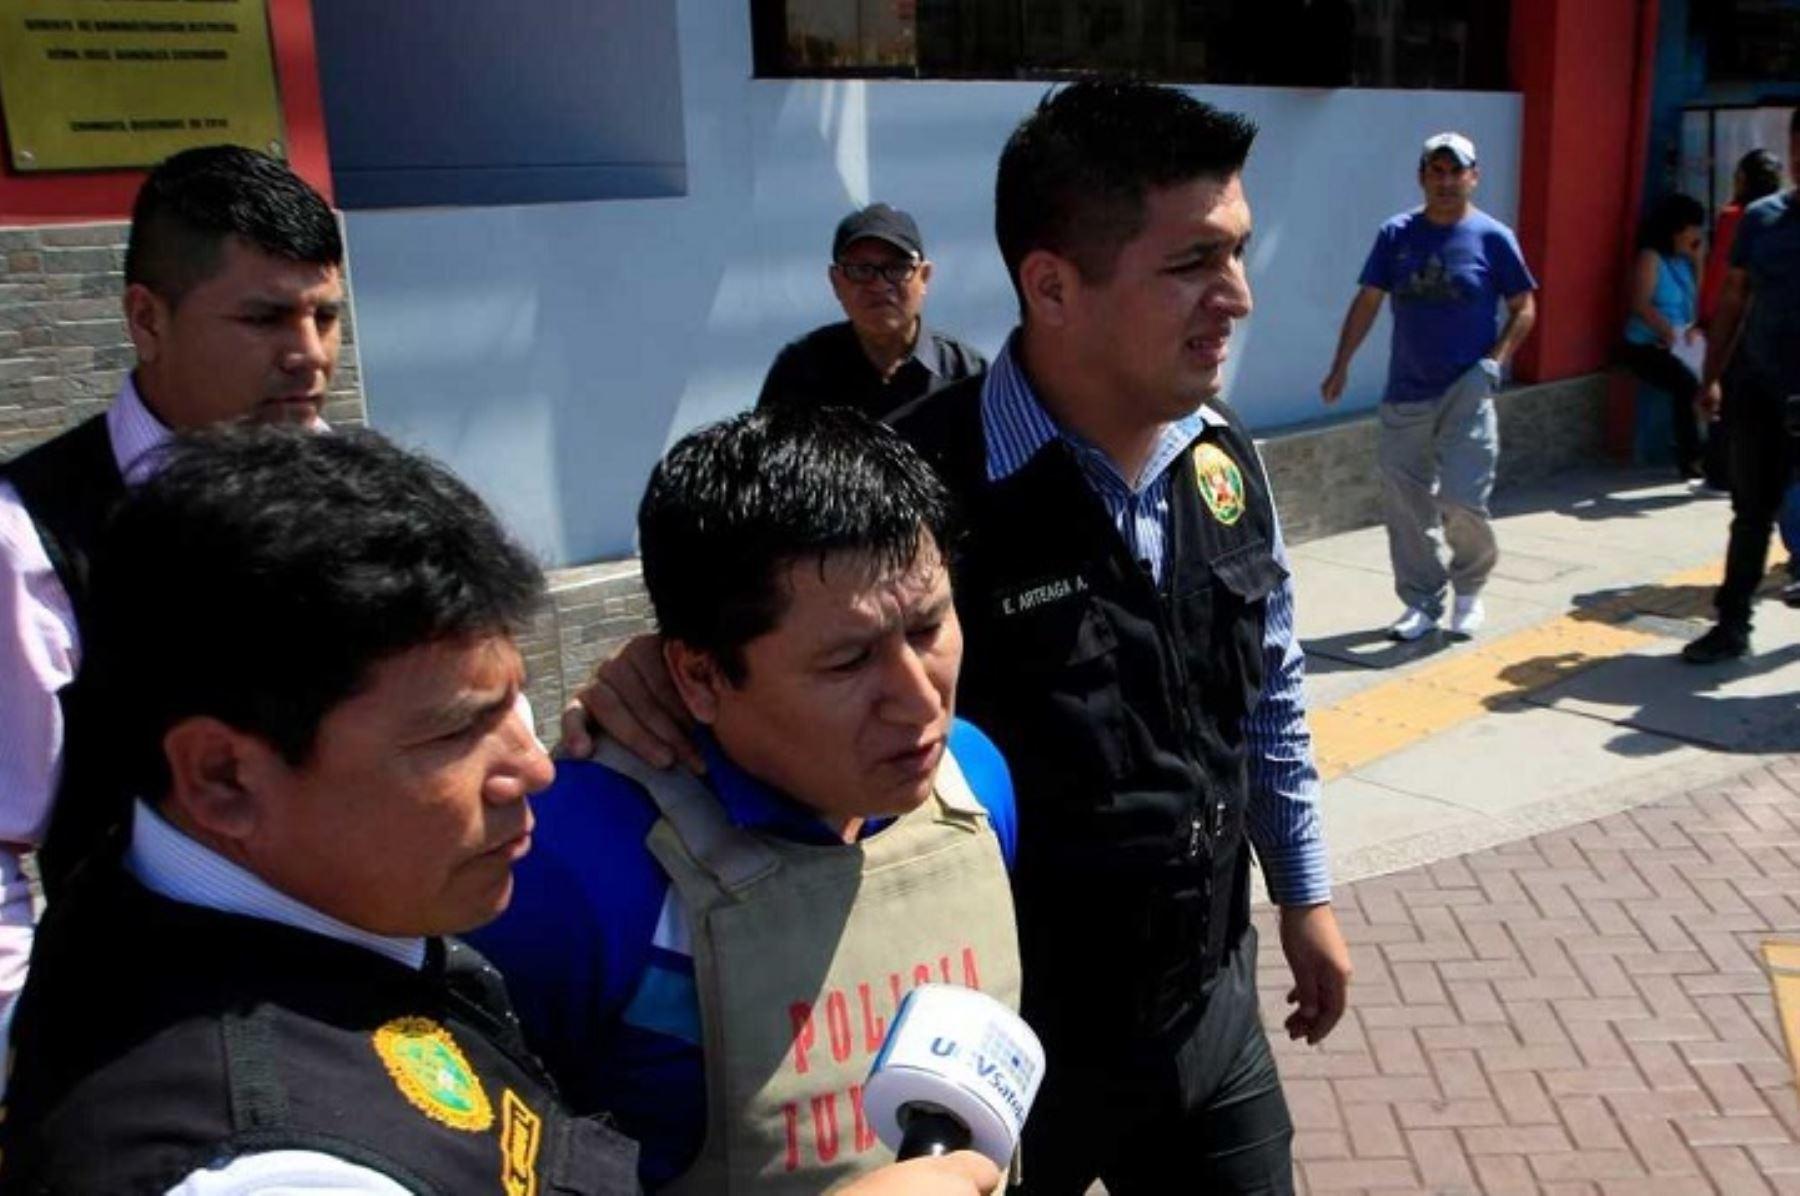 El ex alcalde de la provincia ancashina de Casma, Rommel Meza Cerna, hace frente a otro pedido de 35 años de cárcel, esta vez por su presunta vinculación en el crimen de la abogada casmeña Milagros Aponte Roque. ANDINA/Difusión